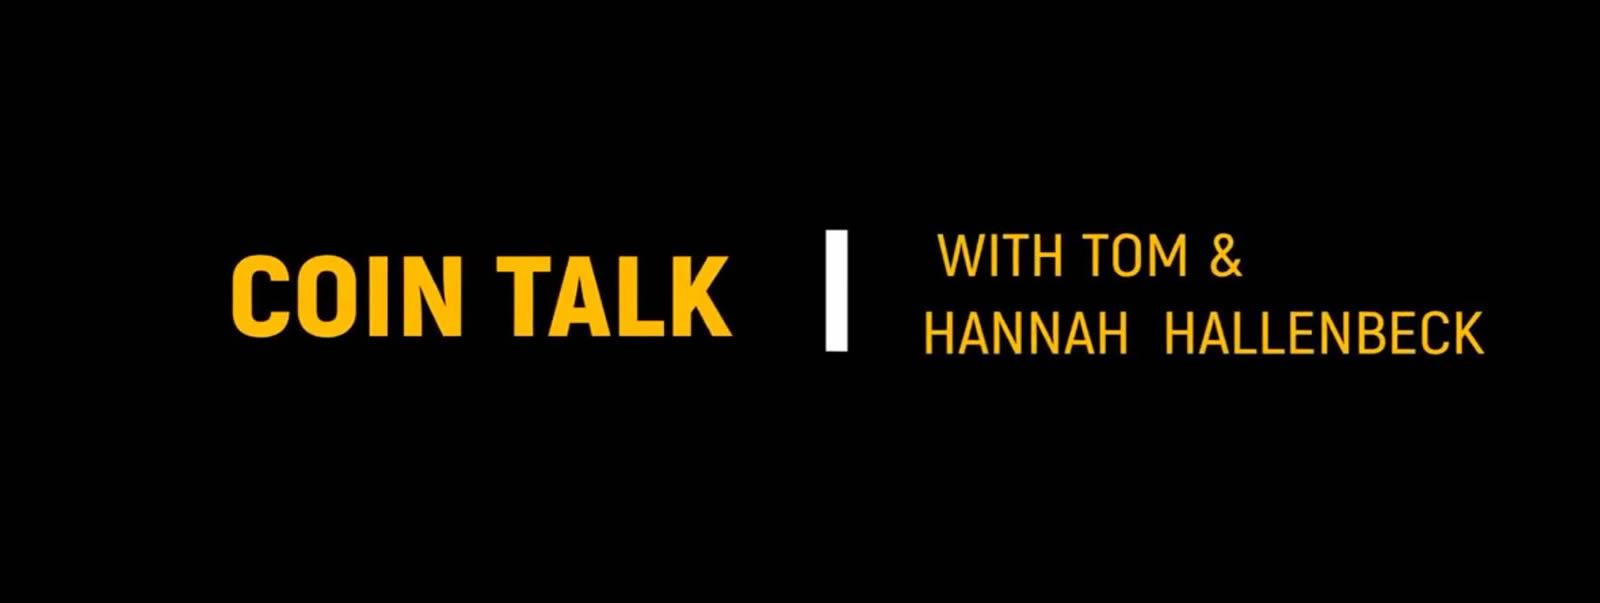 Hallenbeck Coin Talk